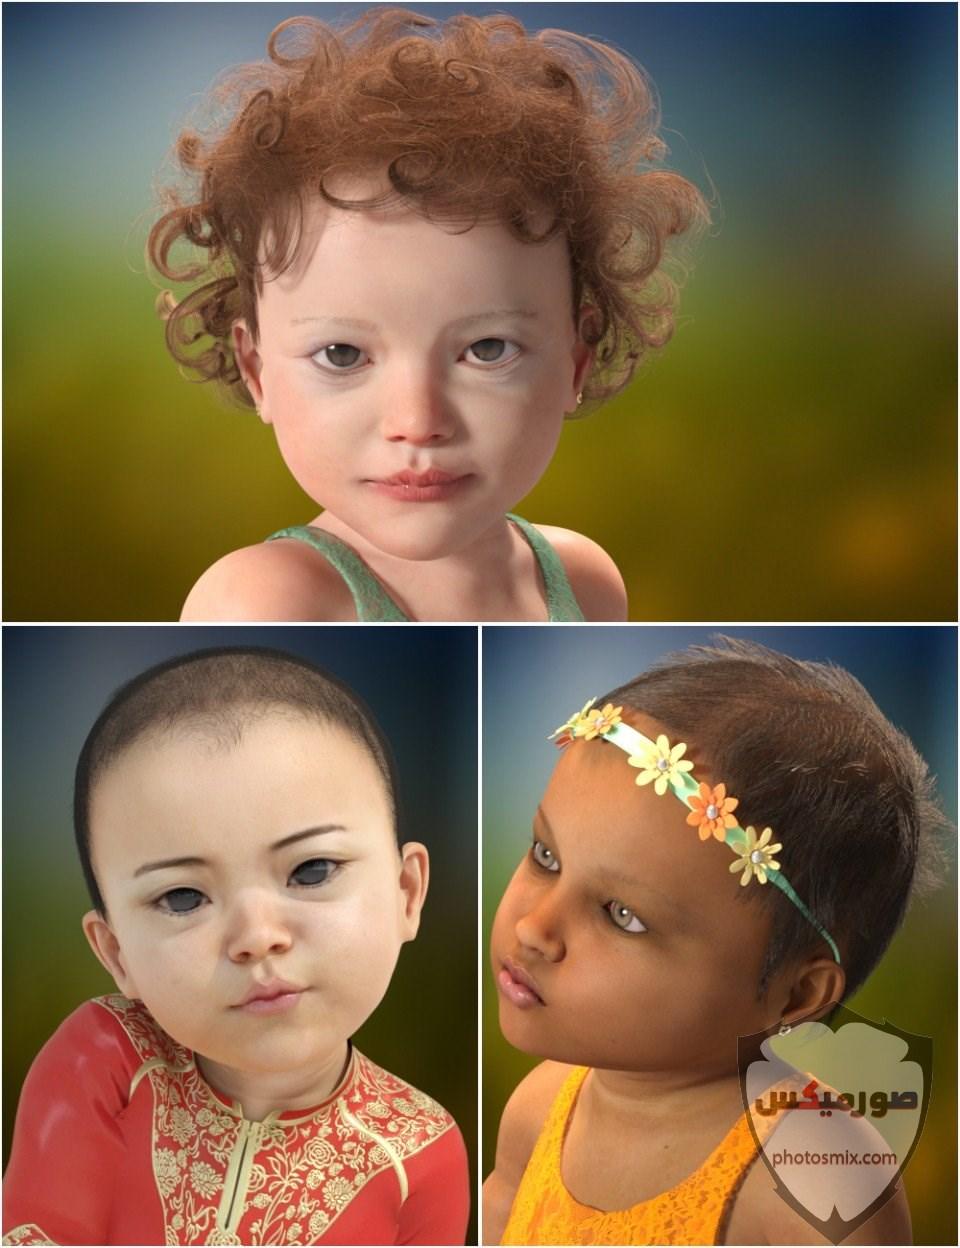 صور اطفال 2021 تحميل اكثر من 100 صور اطفال جميلة صور اطفال روعة 2020 60 1